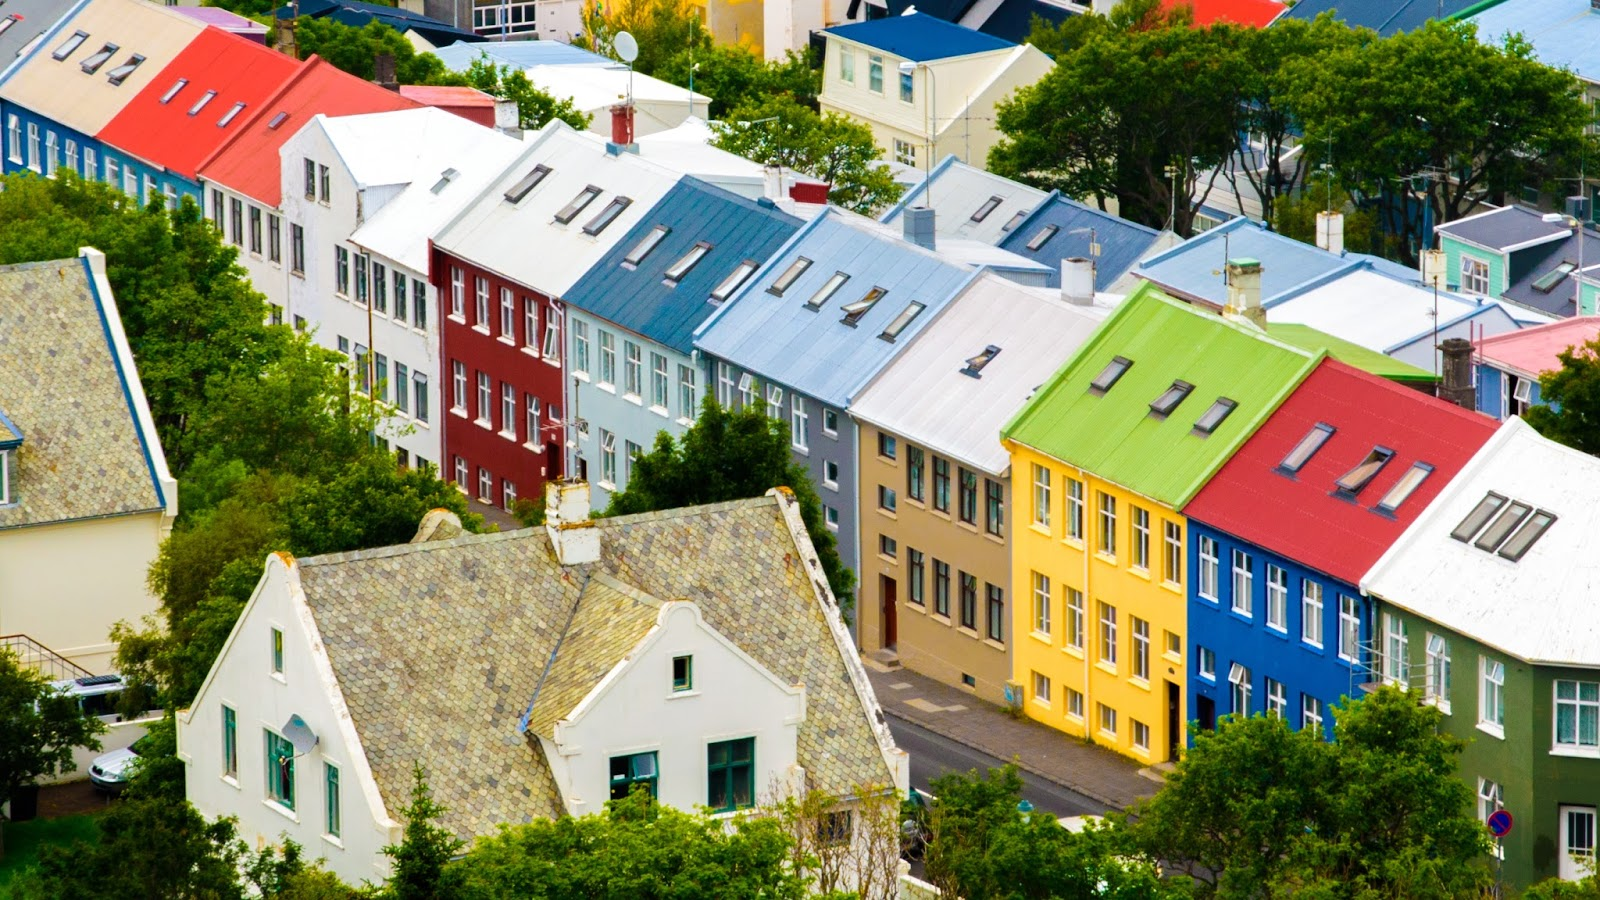 Islandia 24 noticias y viajes a islandia alquilar un apartamento en islandia - Casas en islandia ...